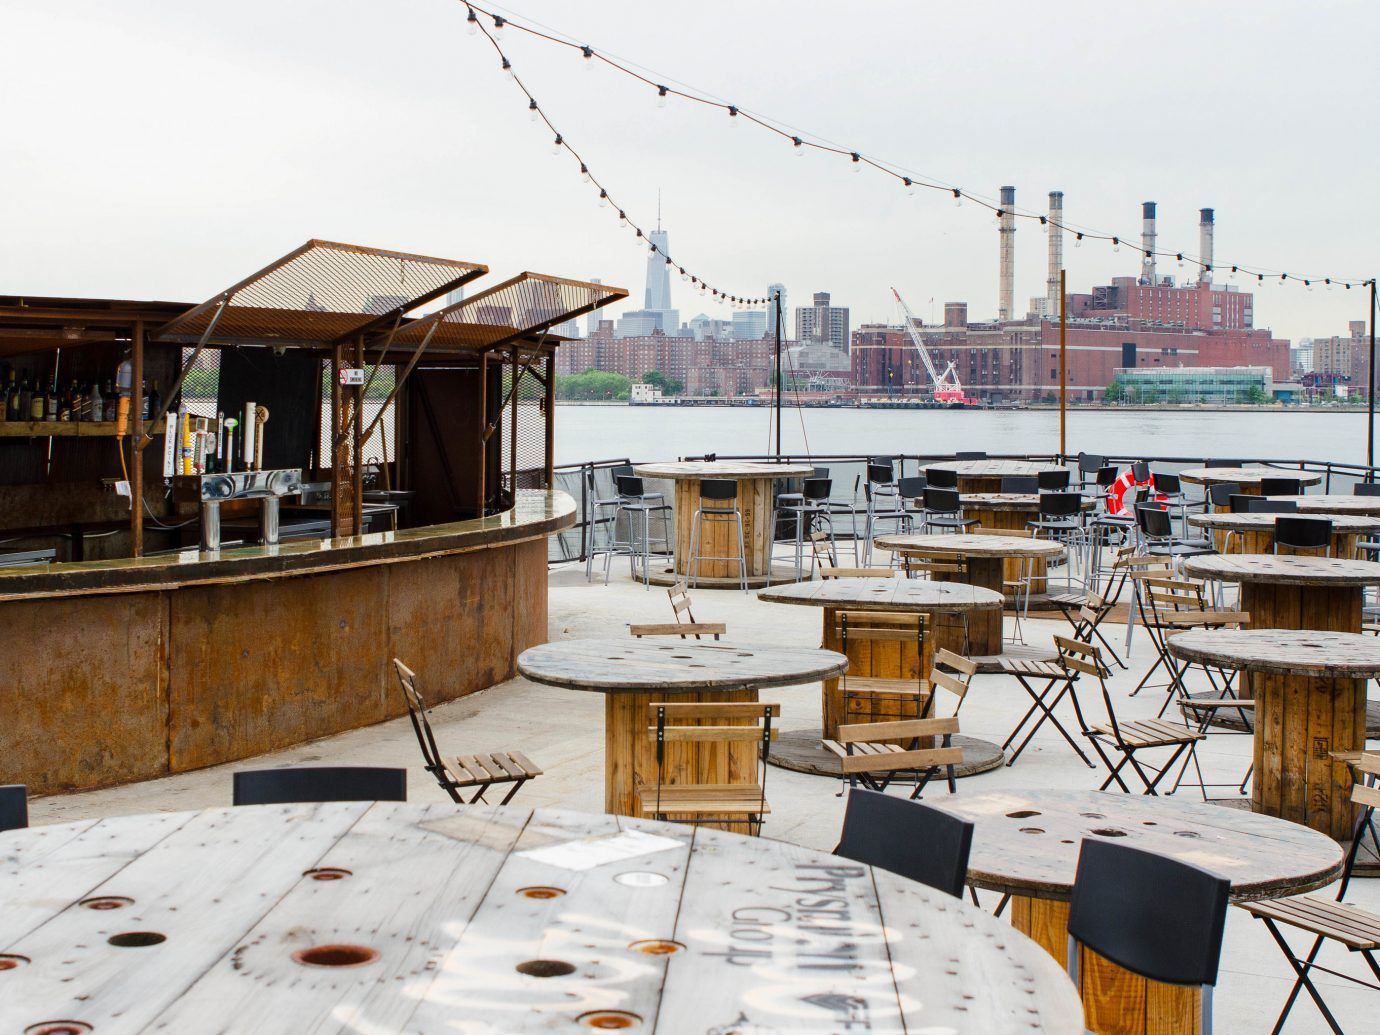 Best Outdoor Bars Brooklyn Rooftops Beer Gardens More Jetsetter Beer Garden Rooftop Restaurant Beer Garden Ideas